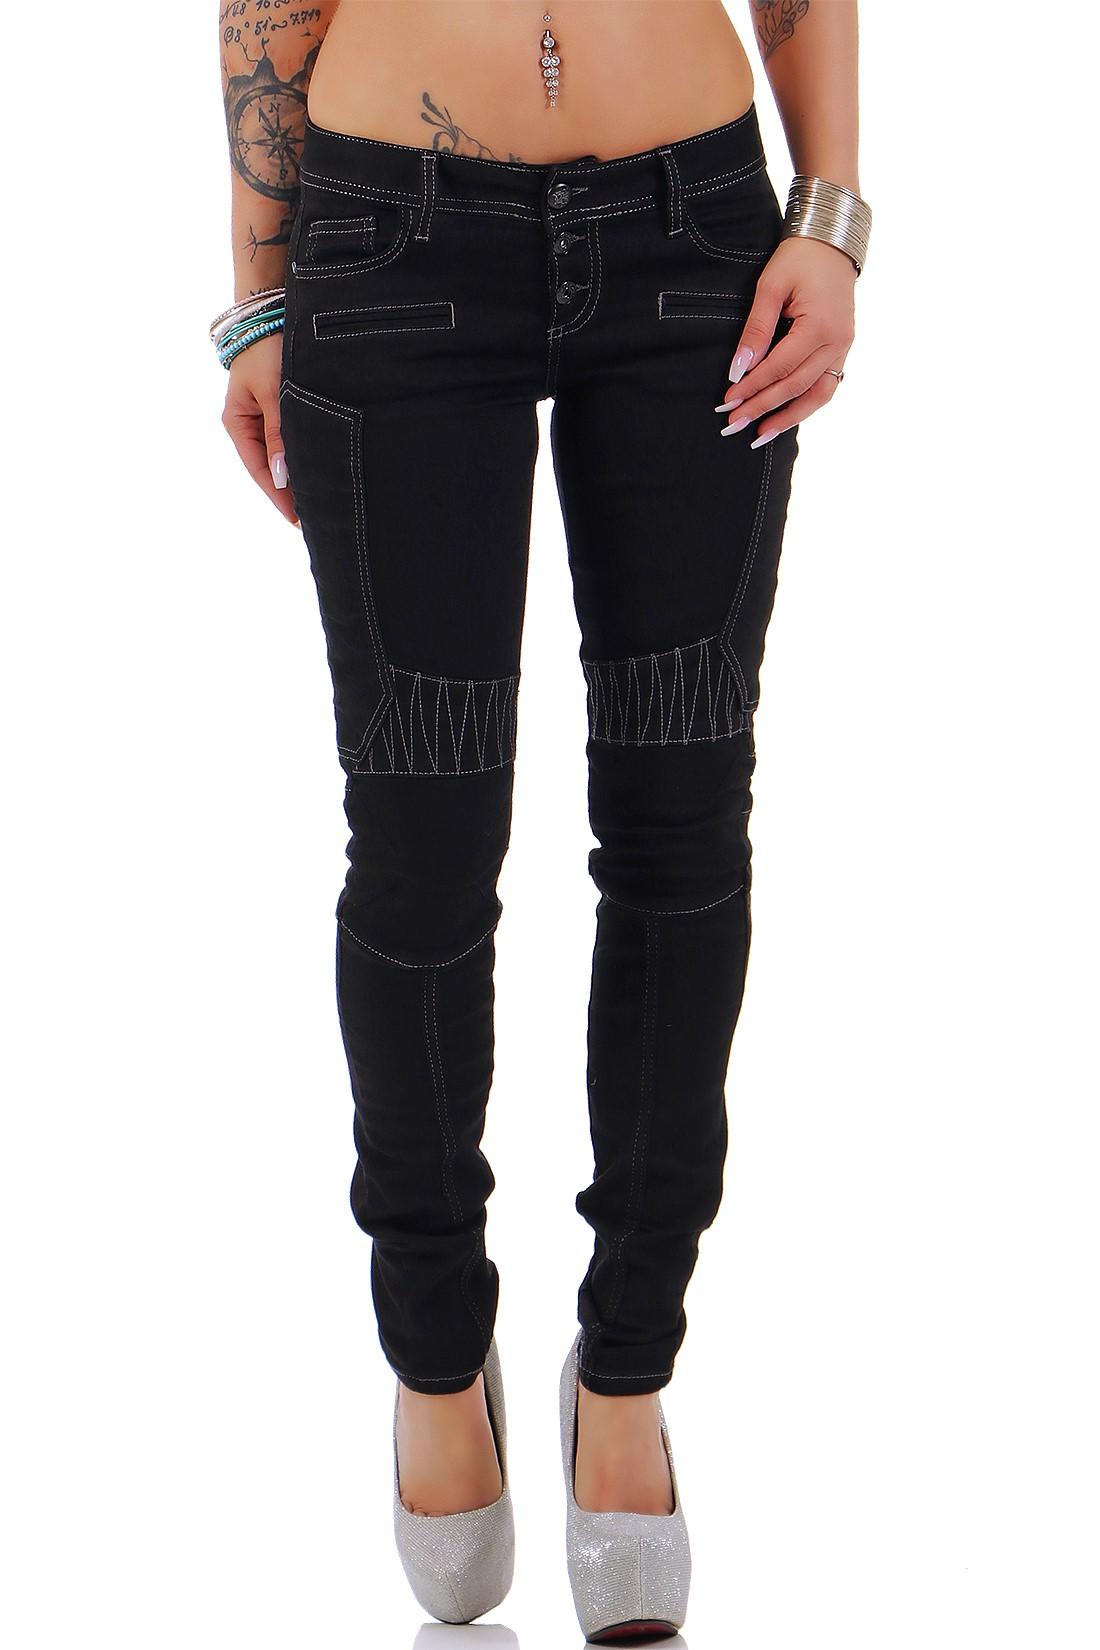 Verschiedene-Cipo-amp-Baxx-Damen-Jeans-Hosen-Slim-Fit-Regular-Fit-Streetwear Indexbild 55